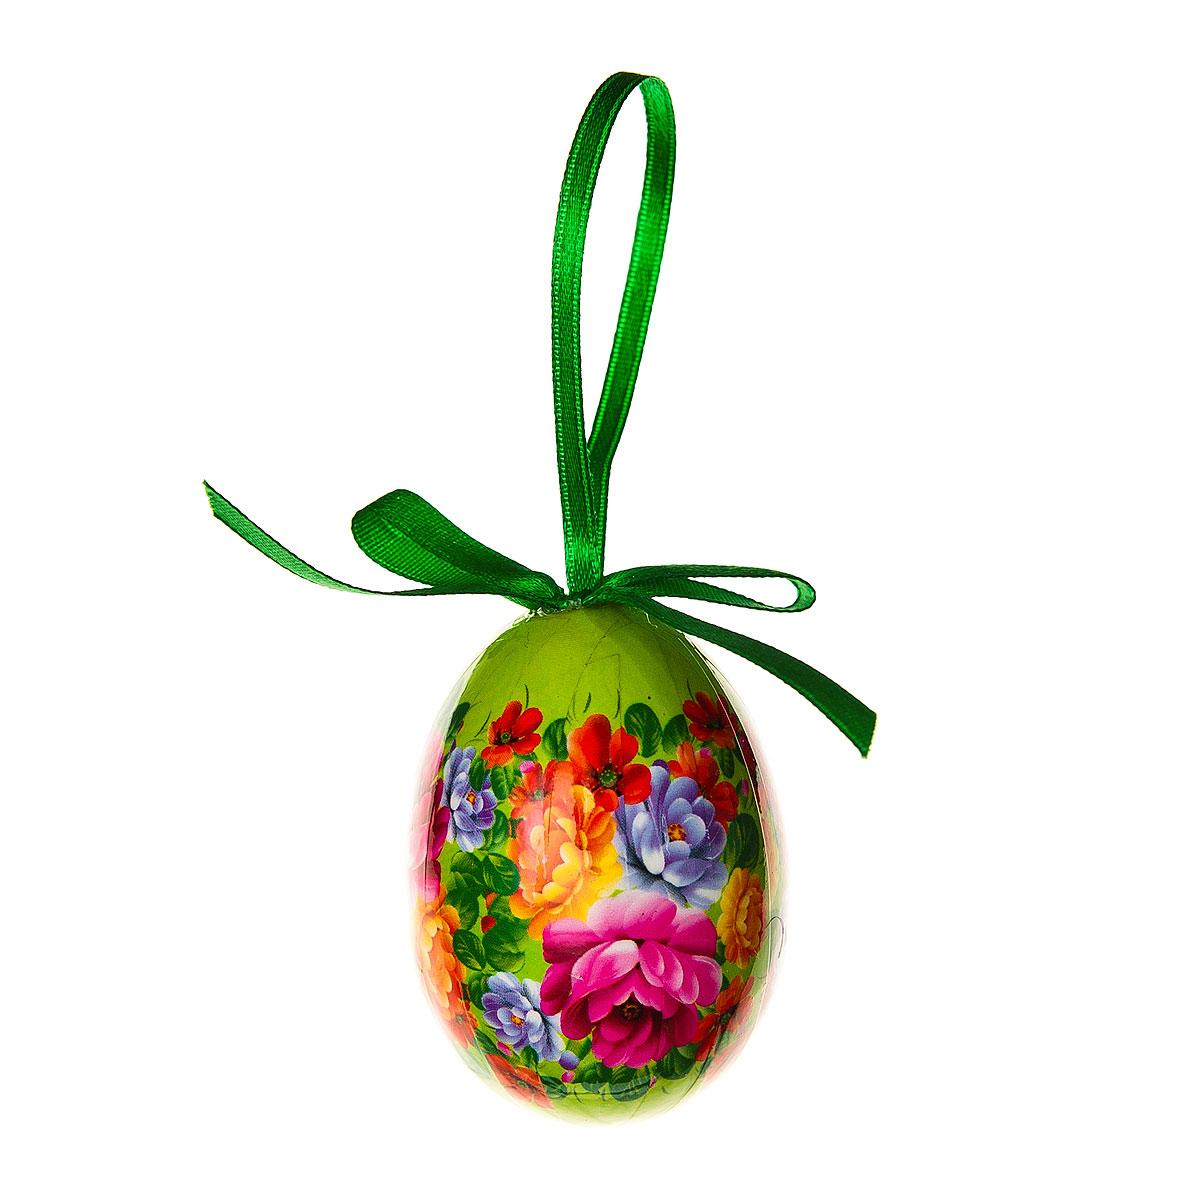 Декоративное подвесное украшение Home Queen Народное искусство, цвет: зеленый68284_2Подвесное украшение Home Queen Народное искусство, выполненное в форме яйца, изготовлено из пластика и декорировано цветочным орнаментом. Изделие оснащено петелькой для подвешивания. Такое украшение прекрасно оформит интерьер дома или станет замечательным подарком для друзей и близких на Пасху. Размер яйца: 4 см х 4 см х 6 см.